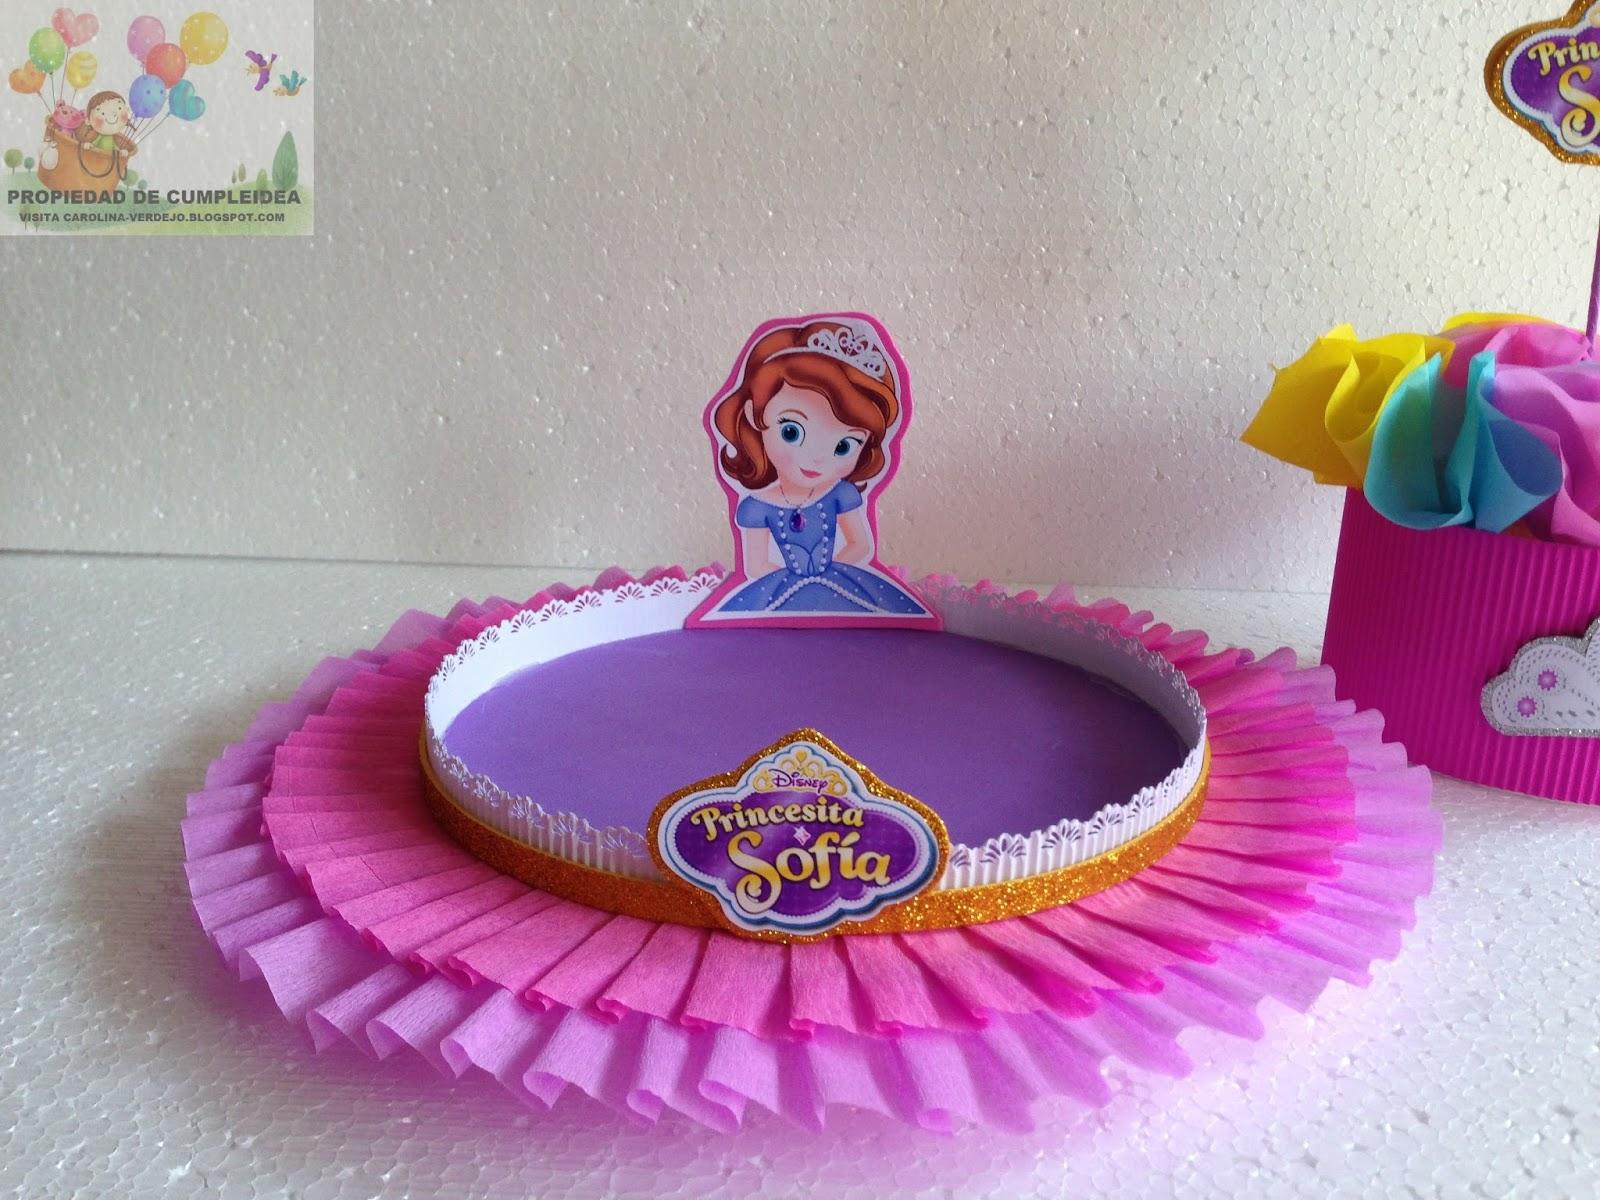 Decoraciones infantiles centros de mesa y bandejas - Decoracion de mesa de cumpleanos infantil ...